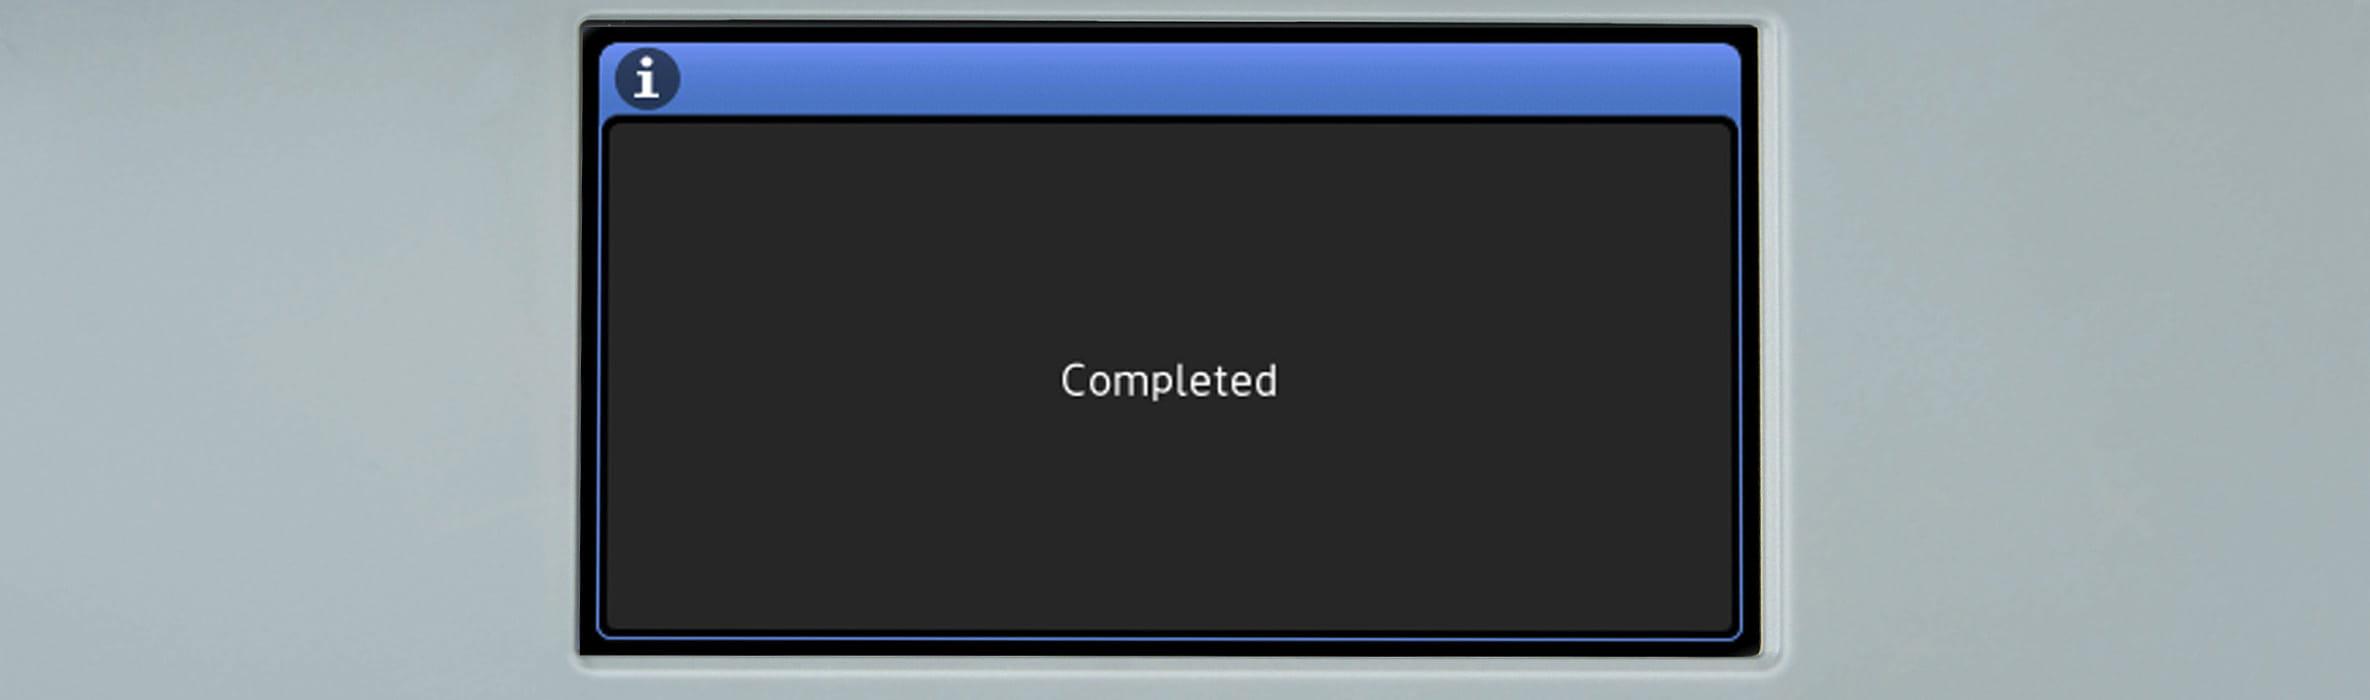 Zaslon na dotik na večfunkcijski napravi Brother s sporočilom Dokončano